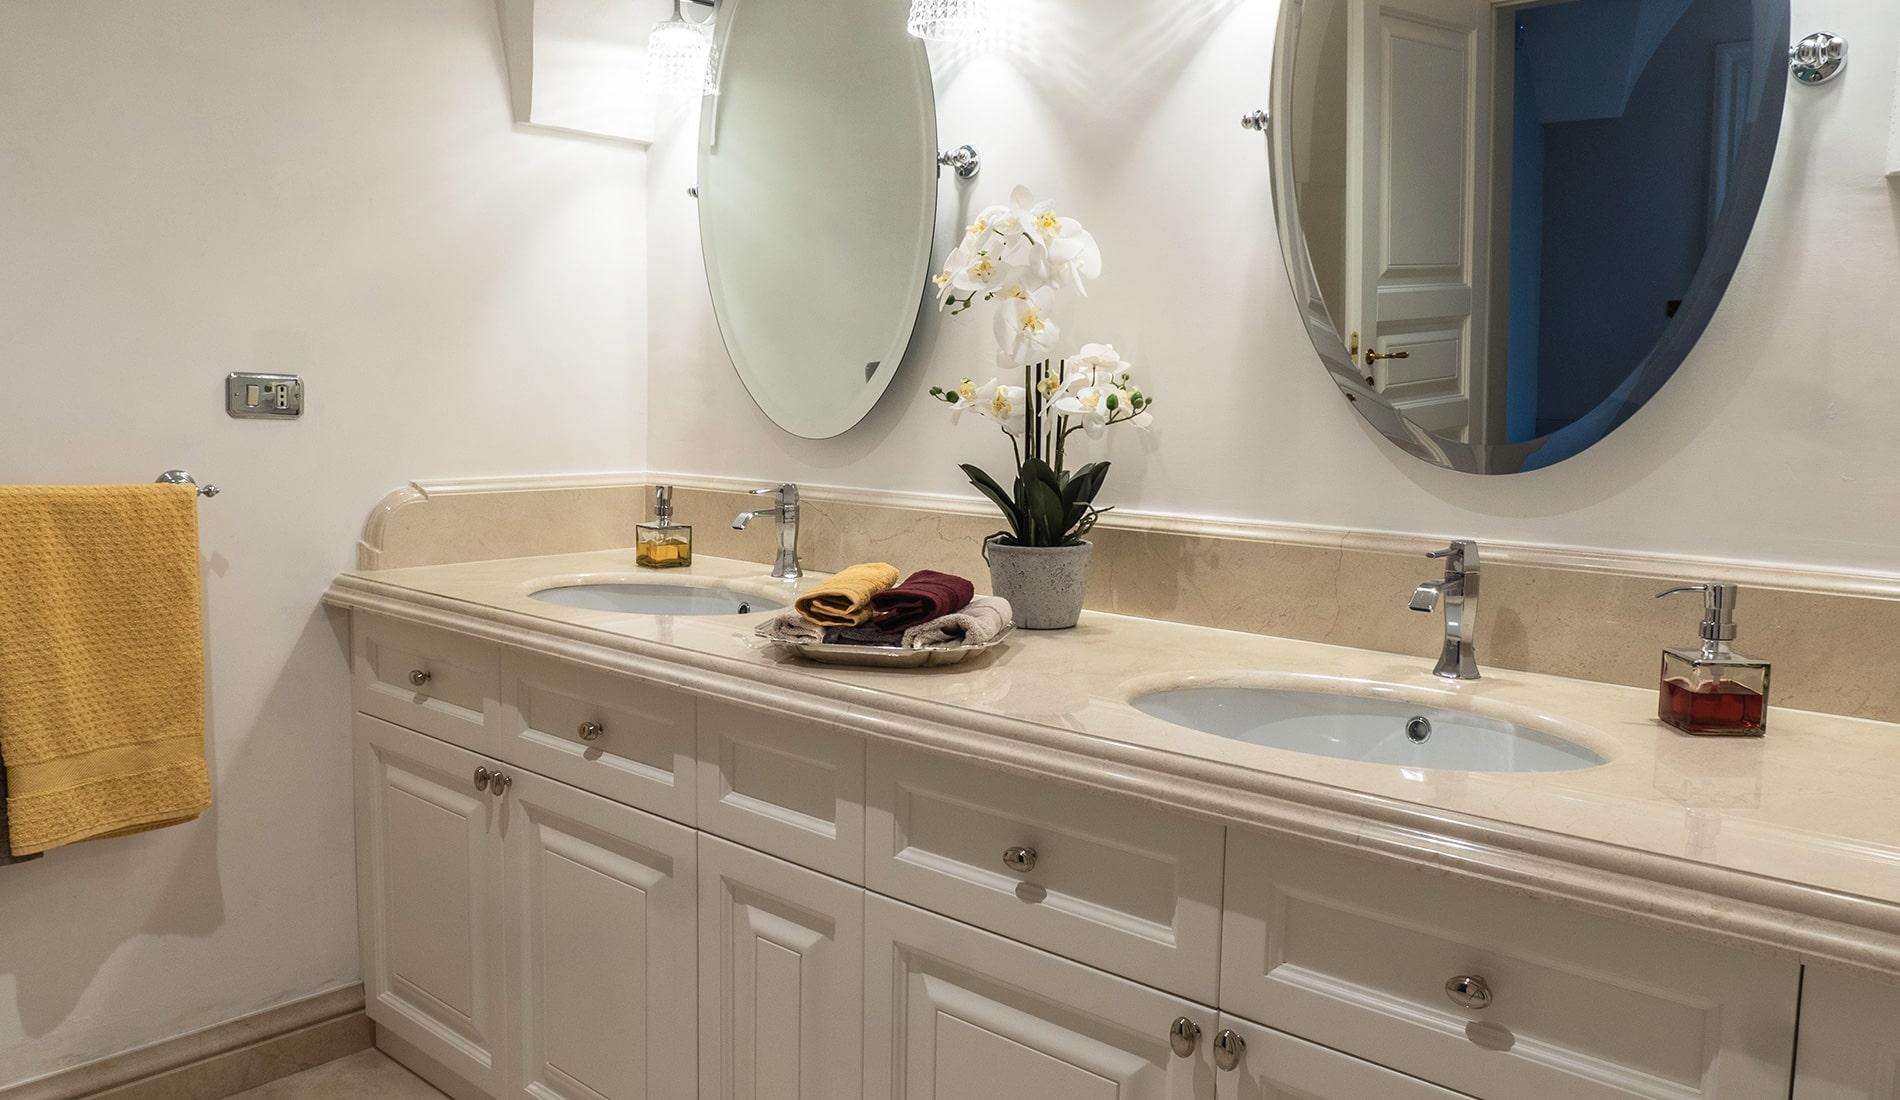 marmi-strada-bagni-in-marmo-naturale-lavelli-vasche-docce-rivestimenti-13